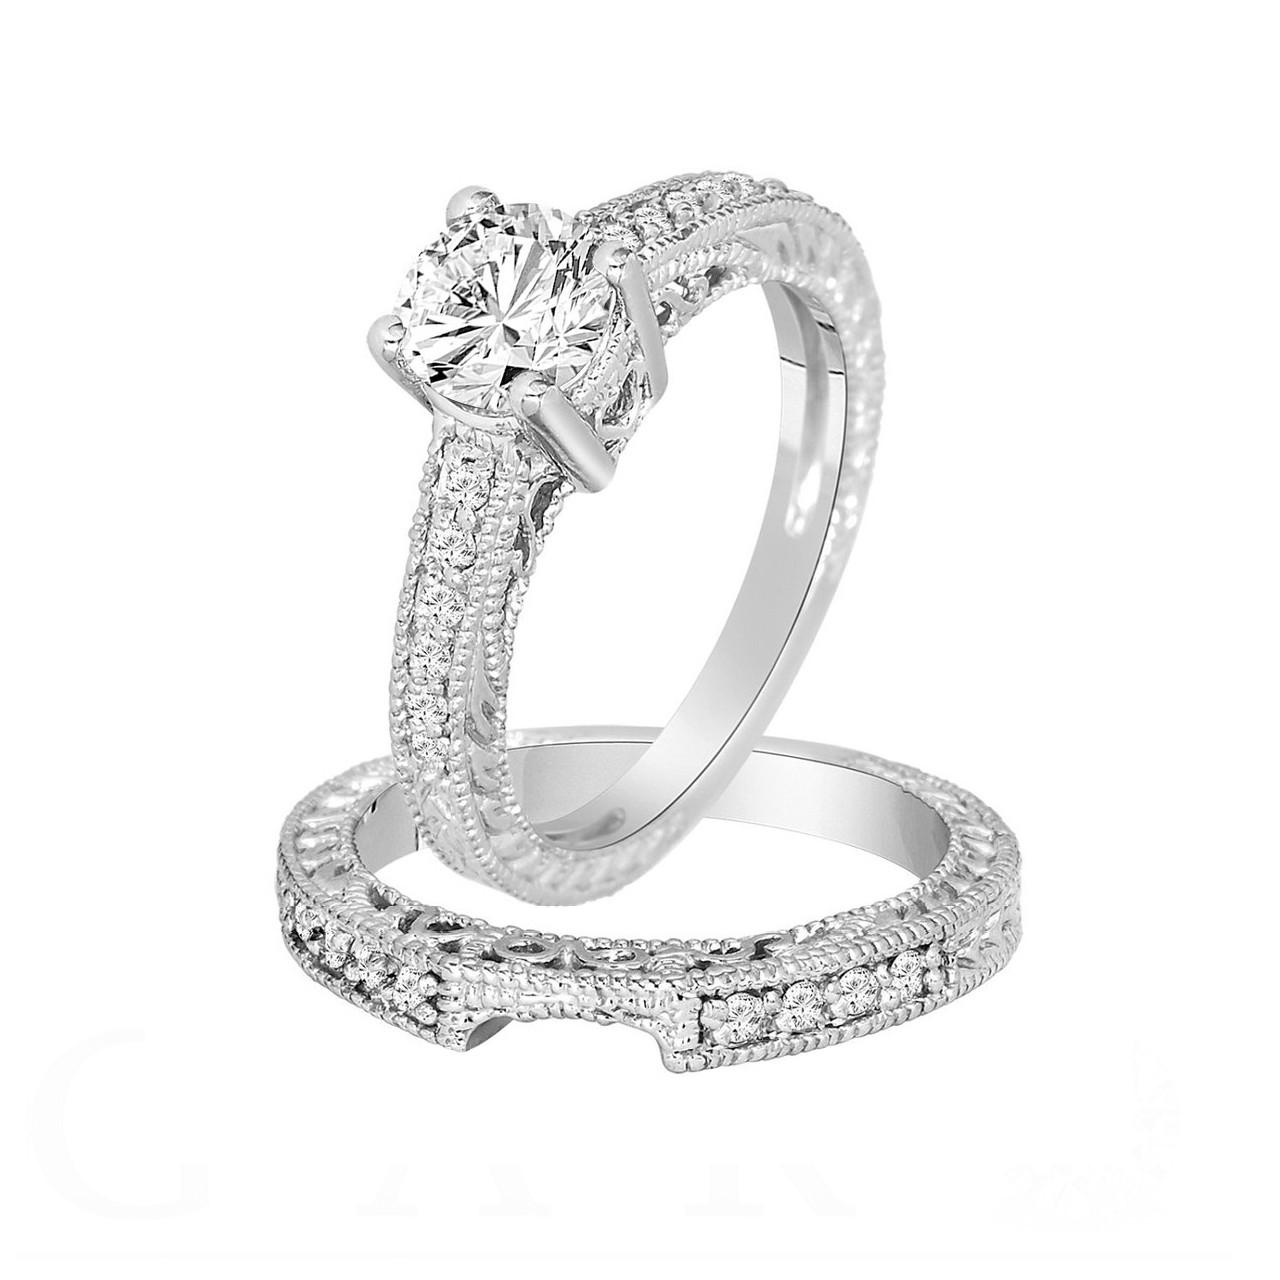 1 Carat Diamond Engagement Ring Set Diamond Wedding Rings Sets Gia